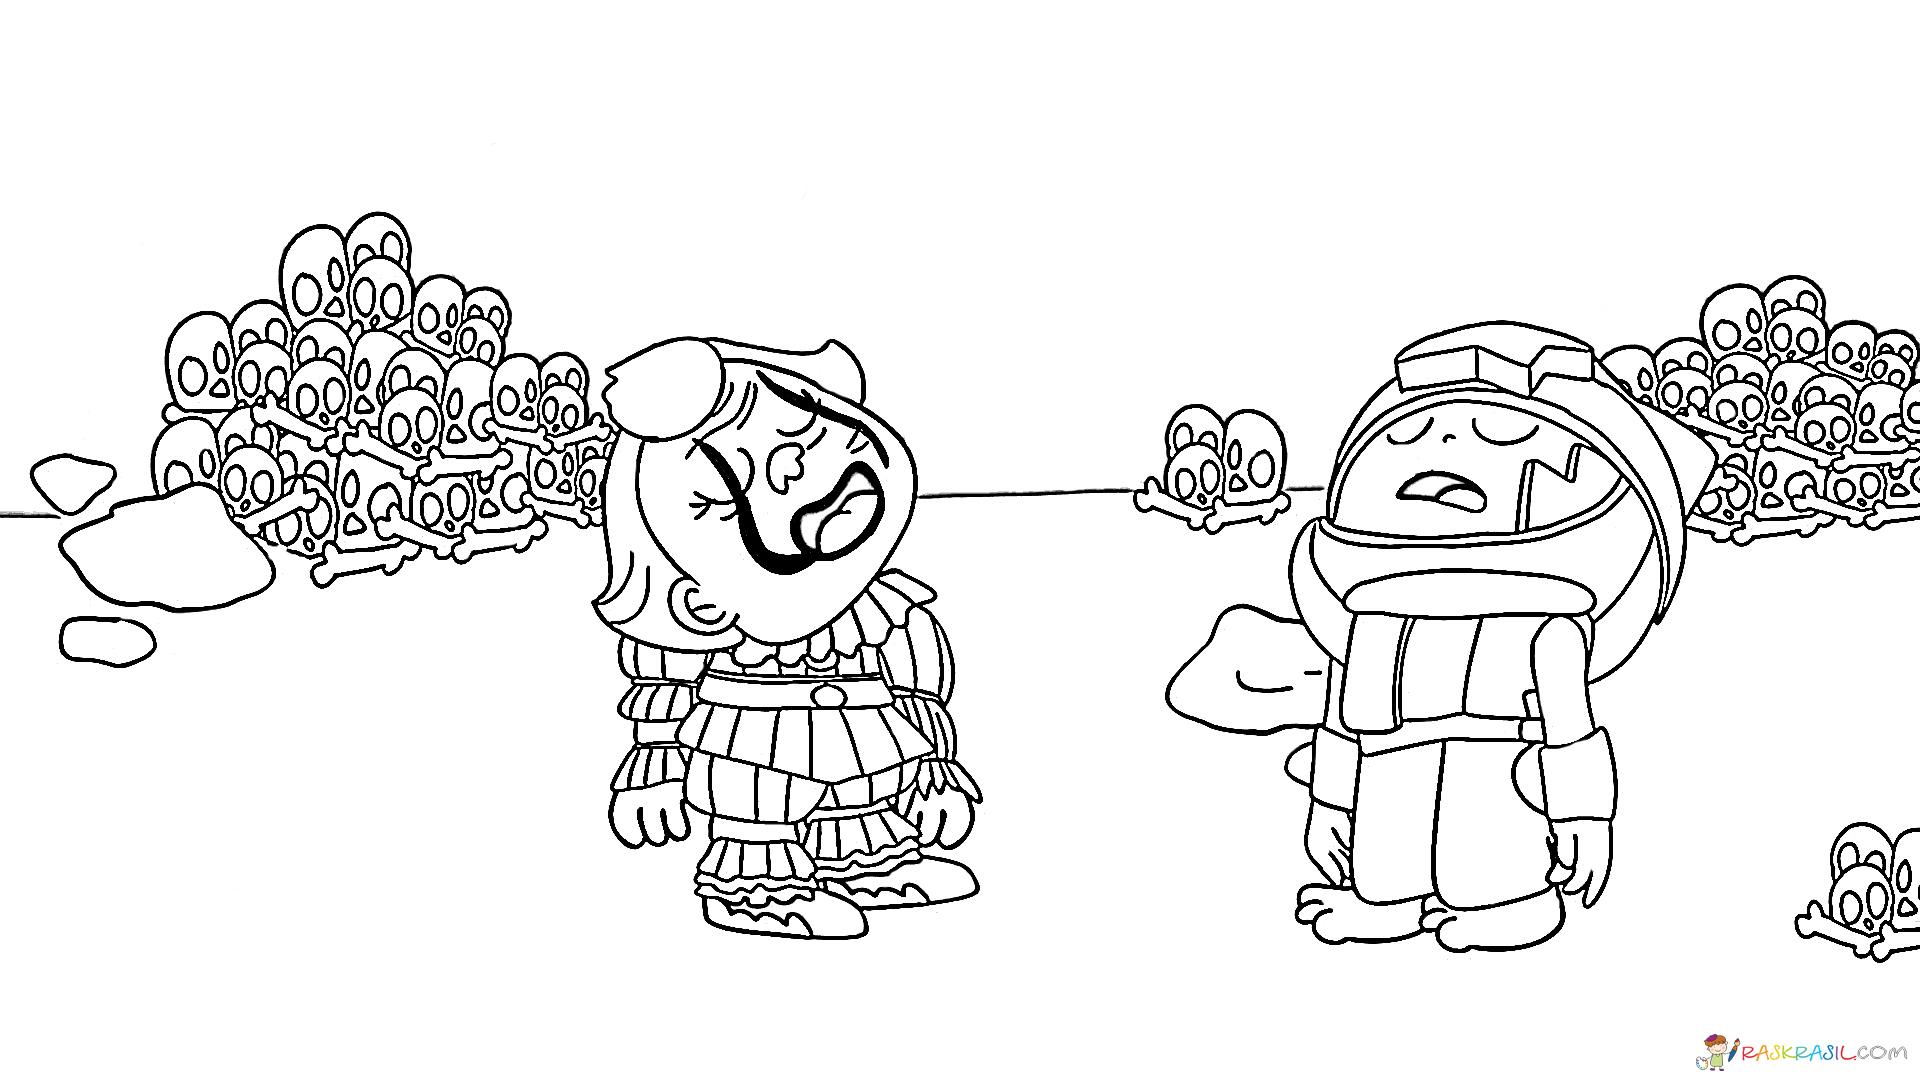 Раскраски Сэнди. Распечатать персонажа Браво Старс онлайн